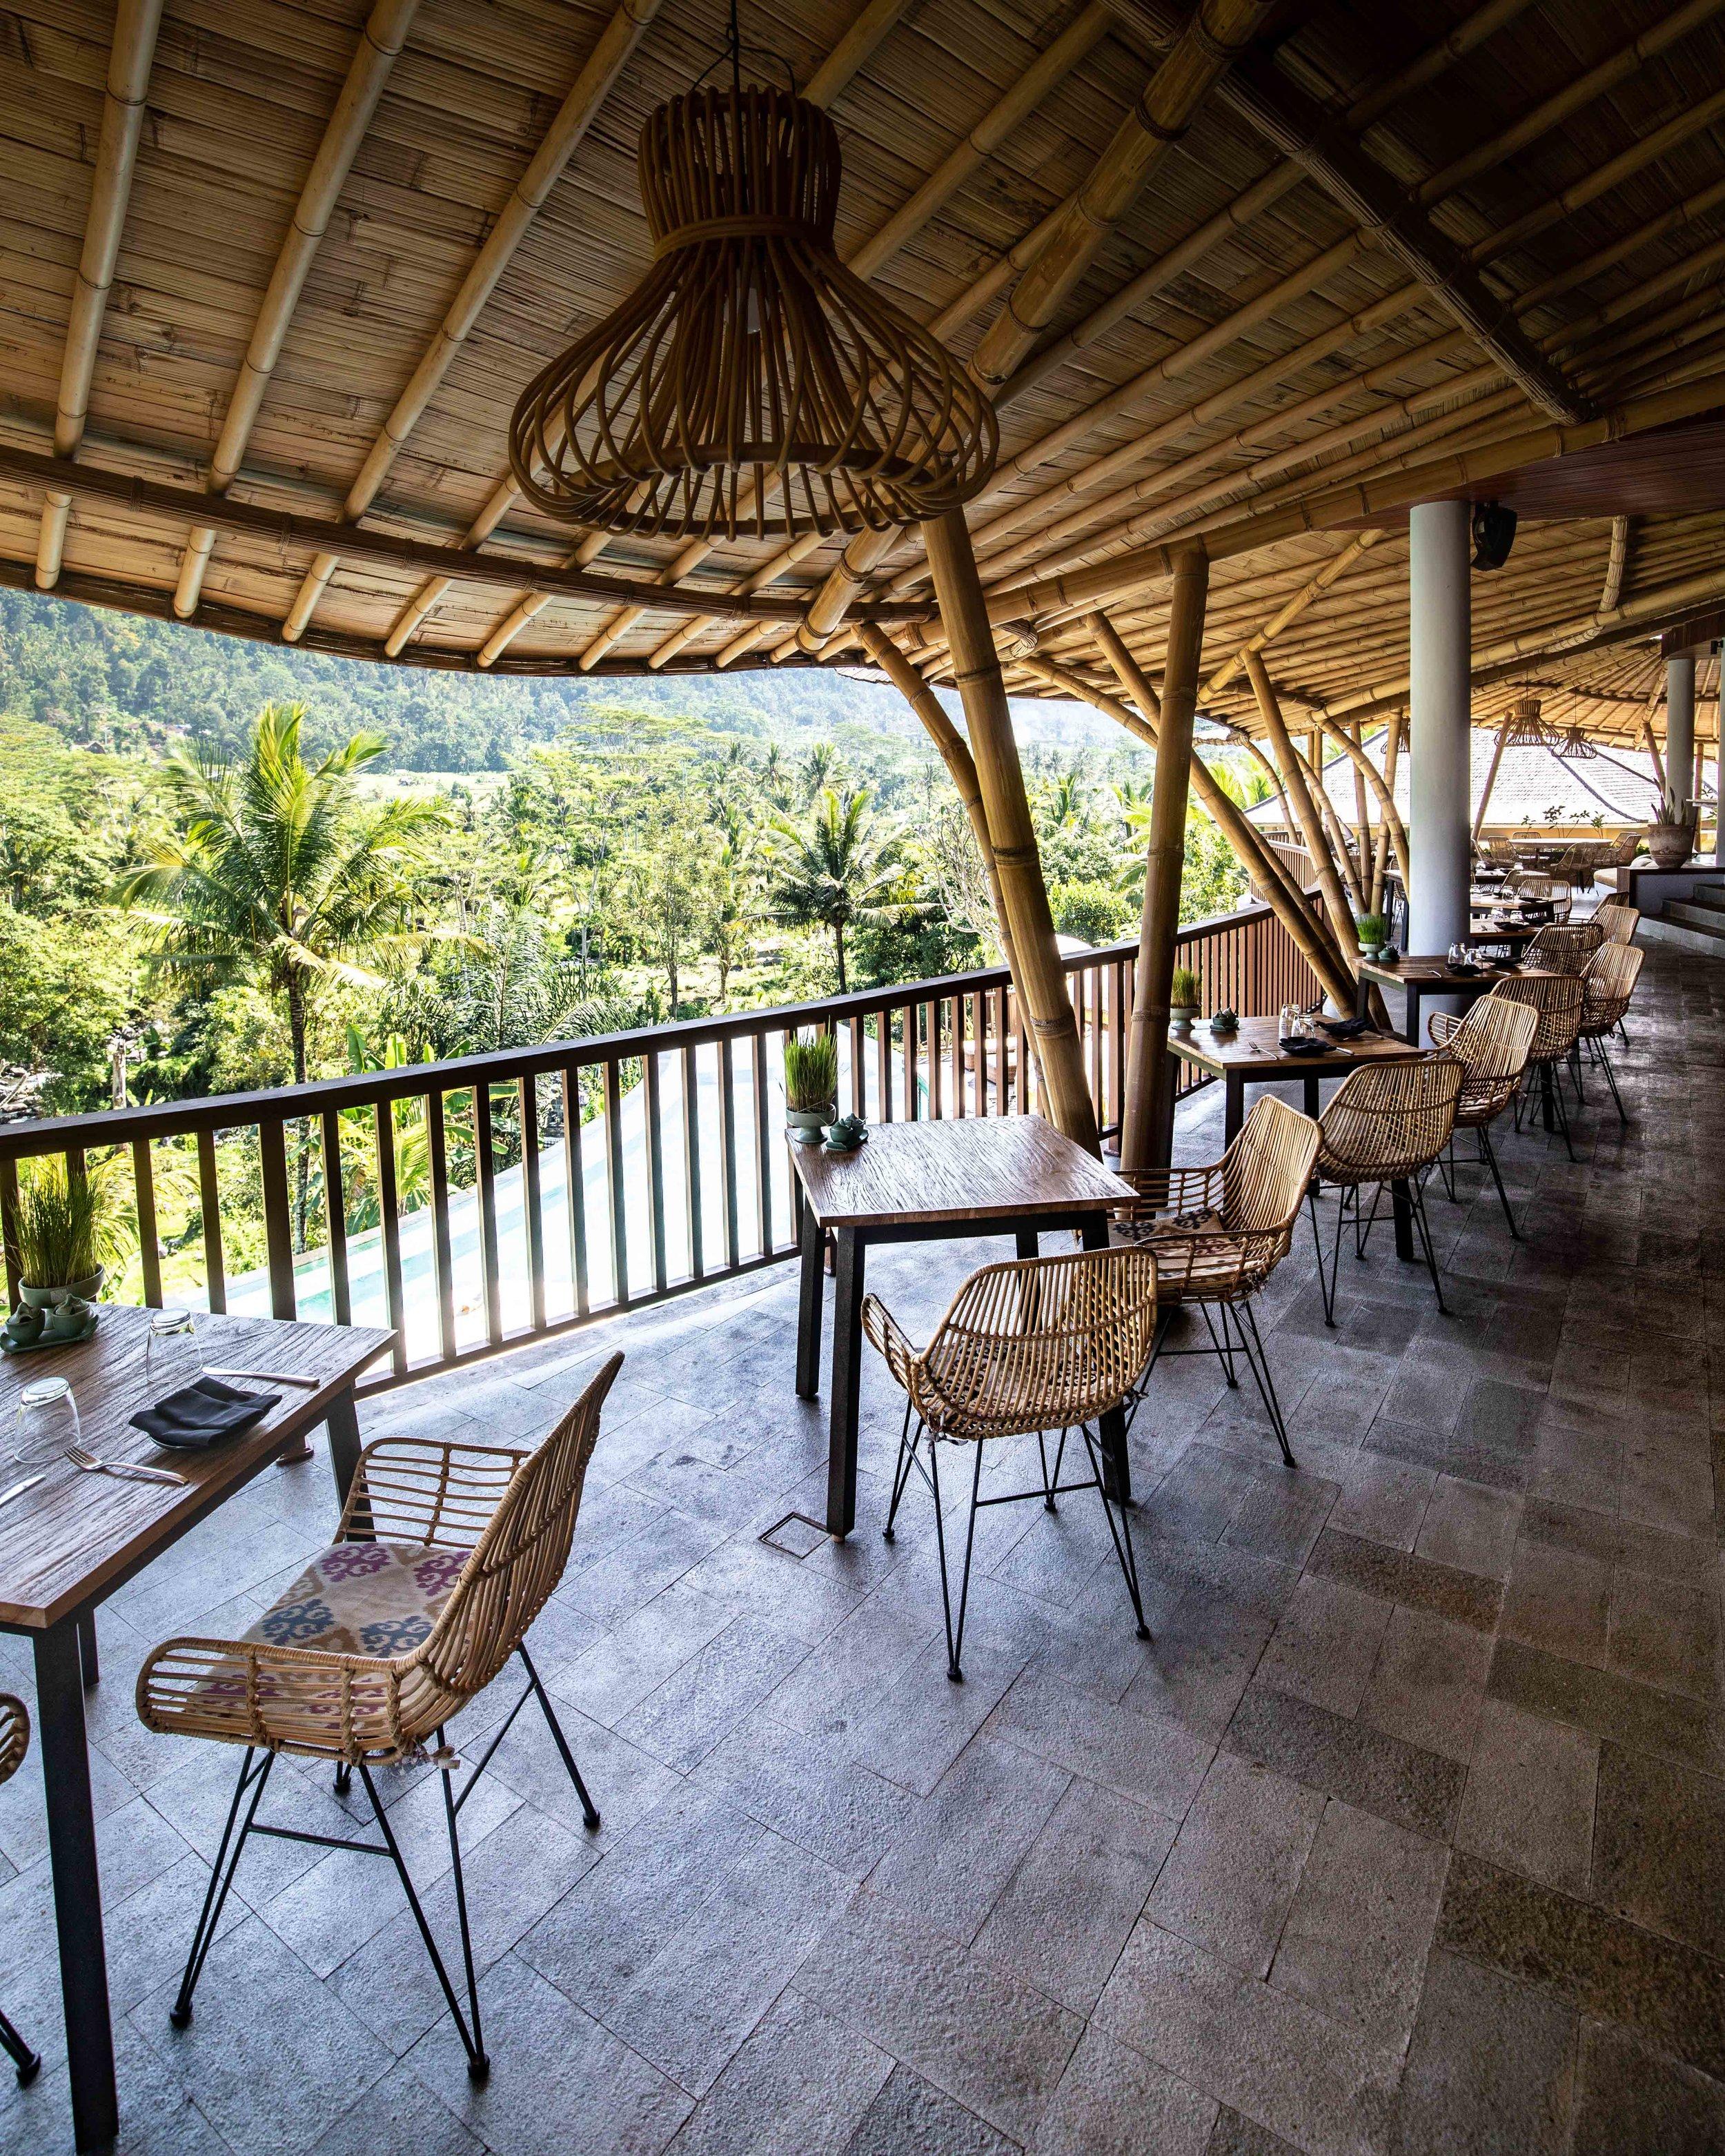 Stunning views in Sidemen Bali